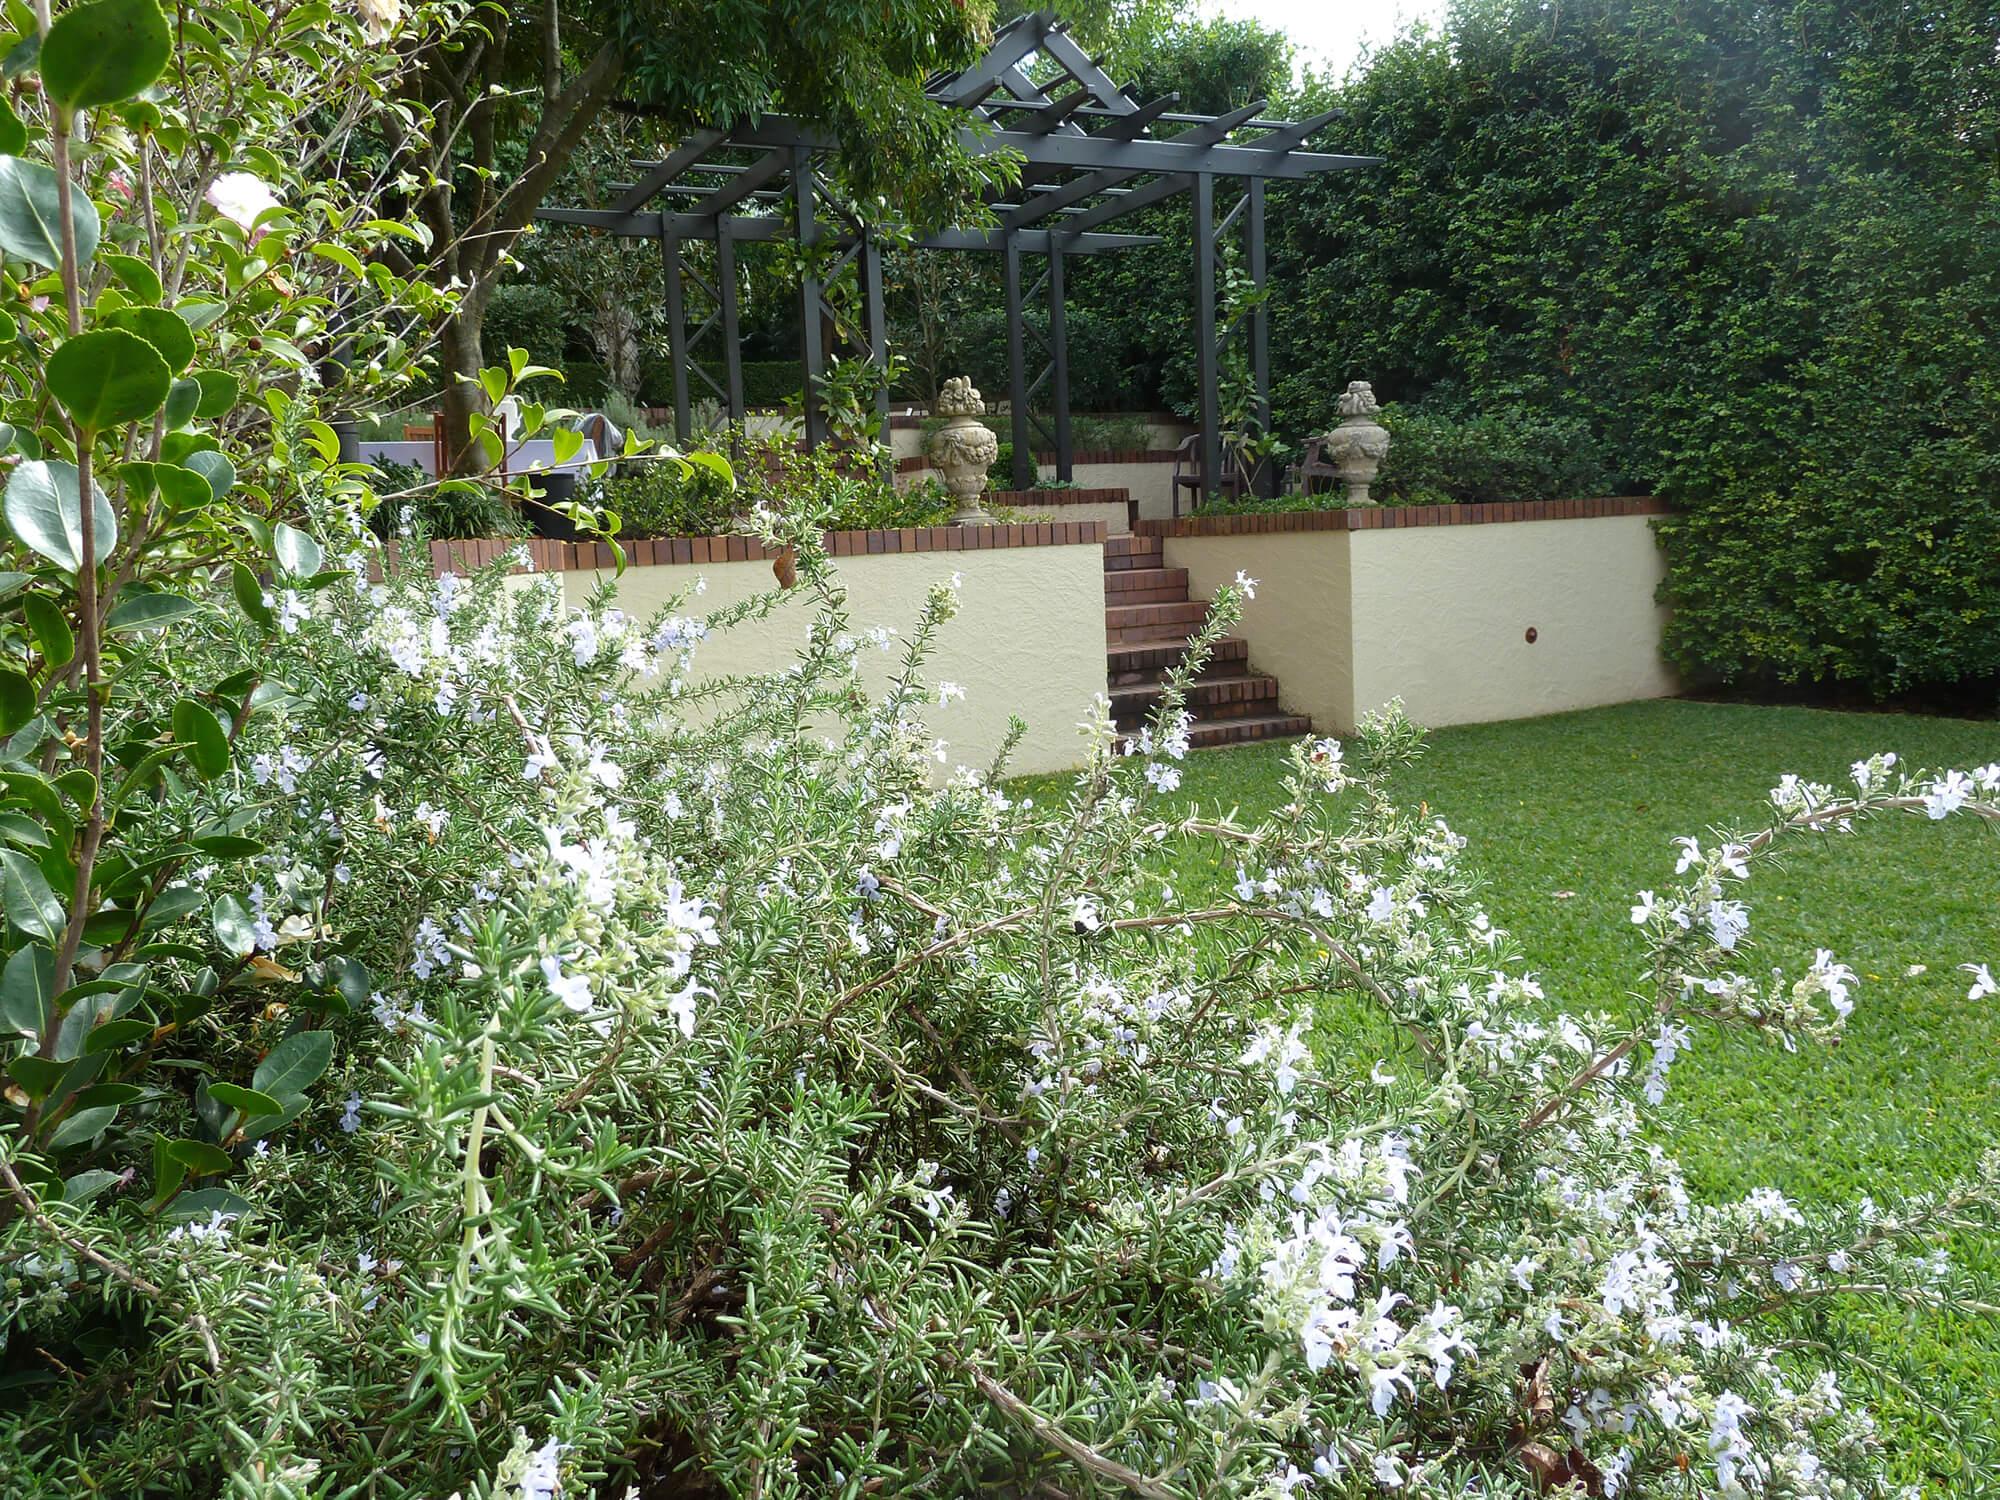 Formal garden design Clayfield Boss Gardenscapes